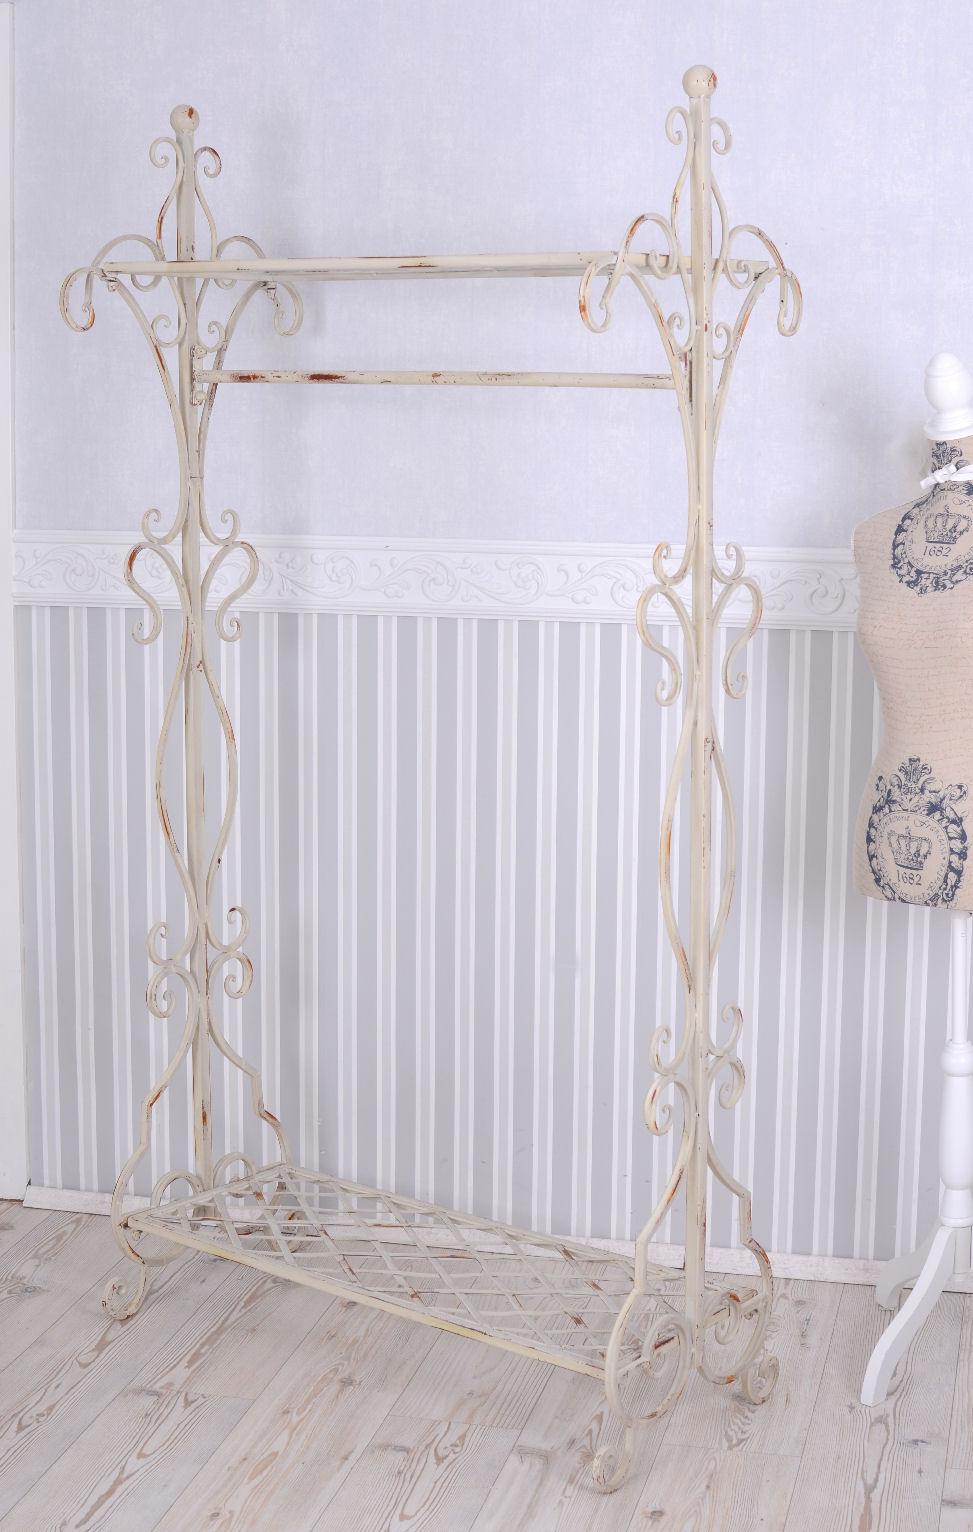 garderobenst nder landhausstil altweiss kleiderst nder garderobe metall vintage ebay